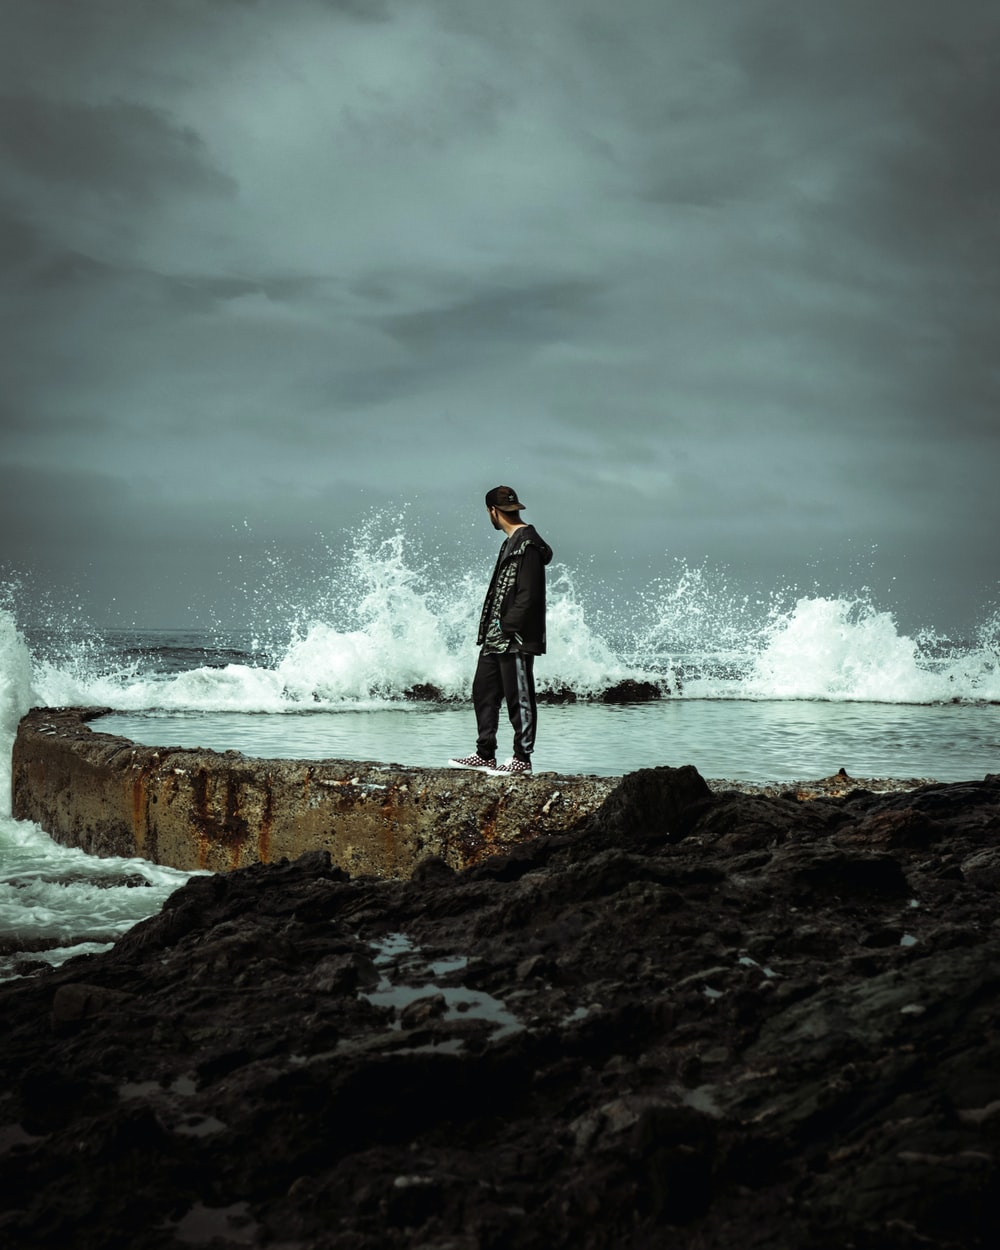 man in black jacket standing on rock near ocean waves